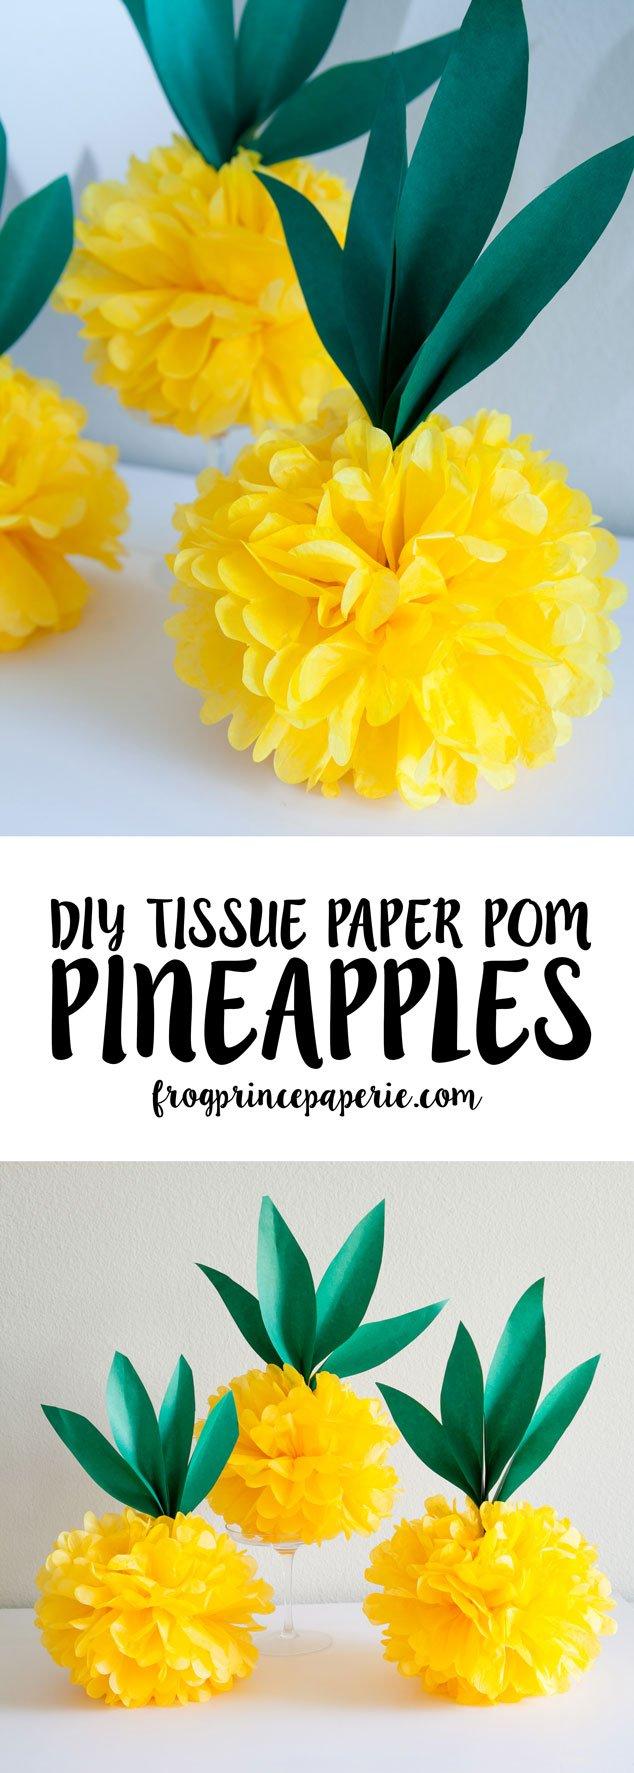 Tissue-Paper-Pom-Pineapples